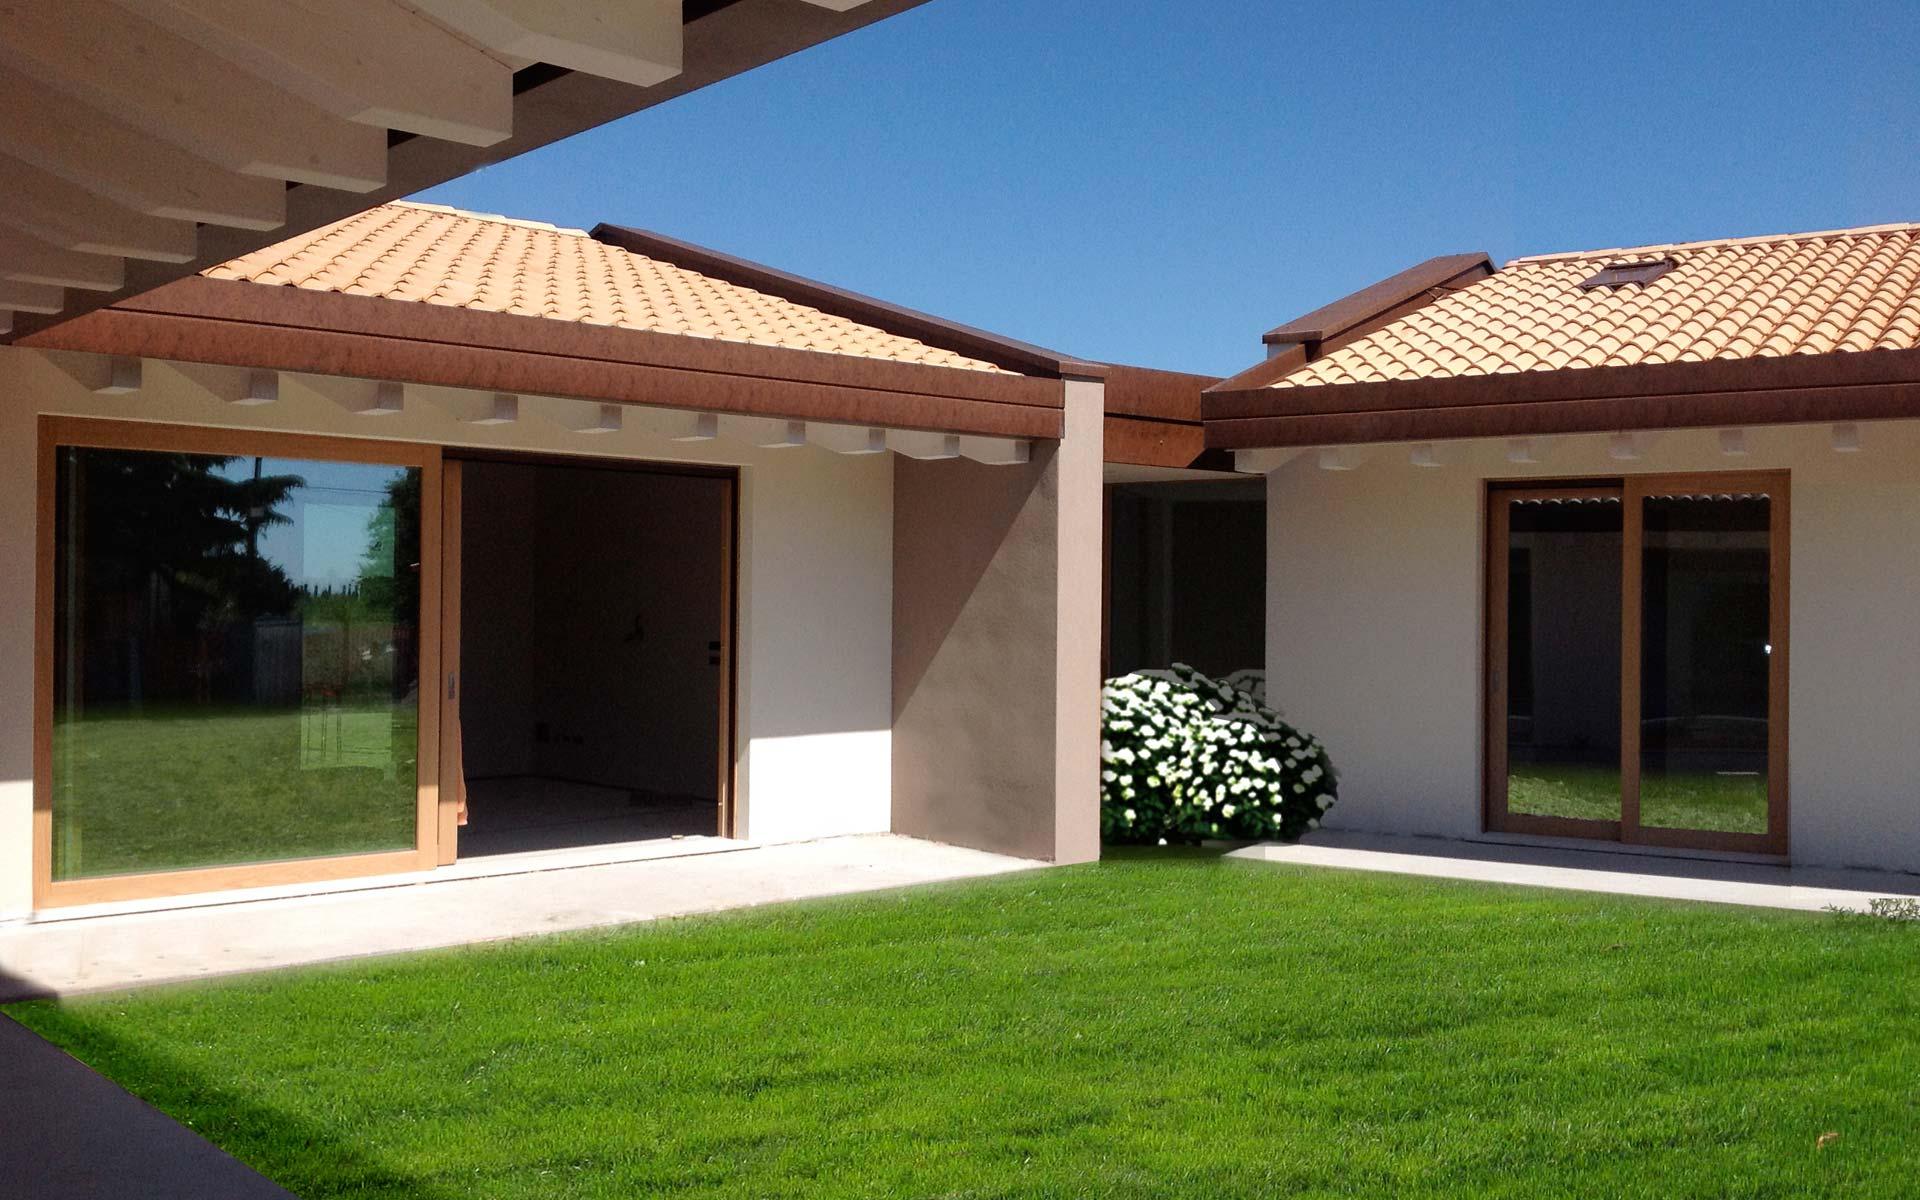 Villa con struttura in legno x lam spresiano globarch for Piani casa a basso reddito